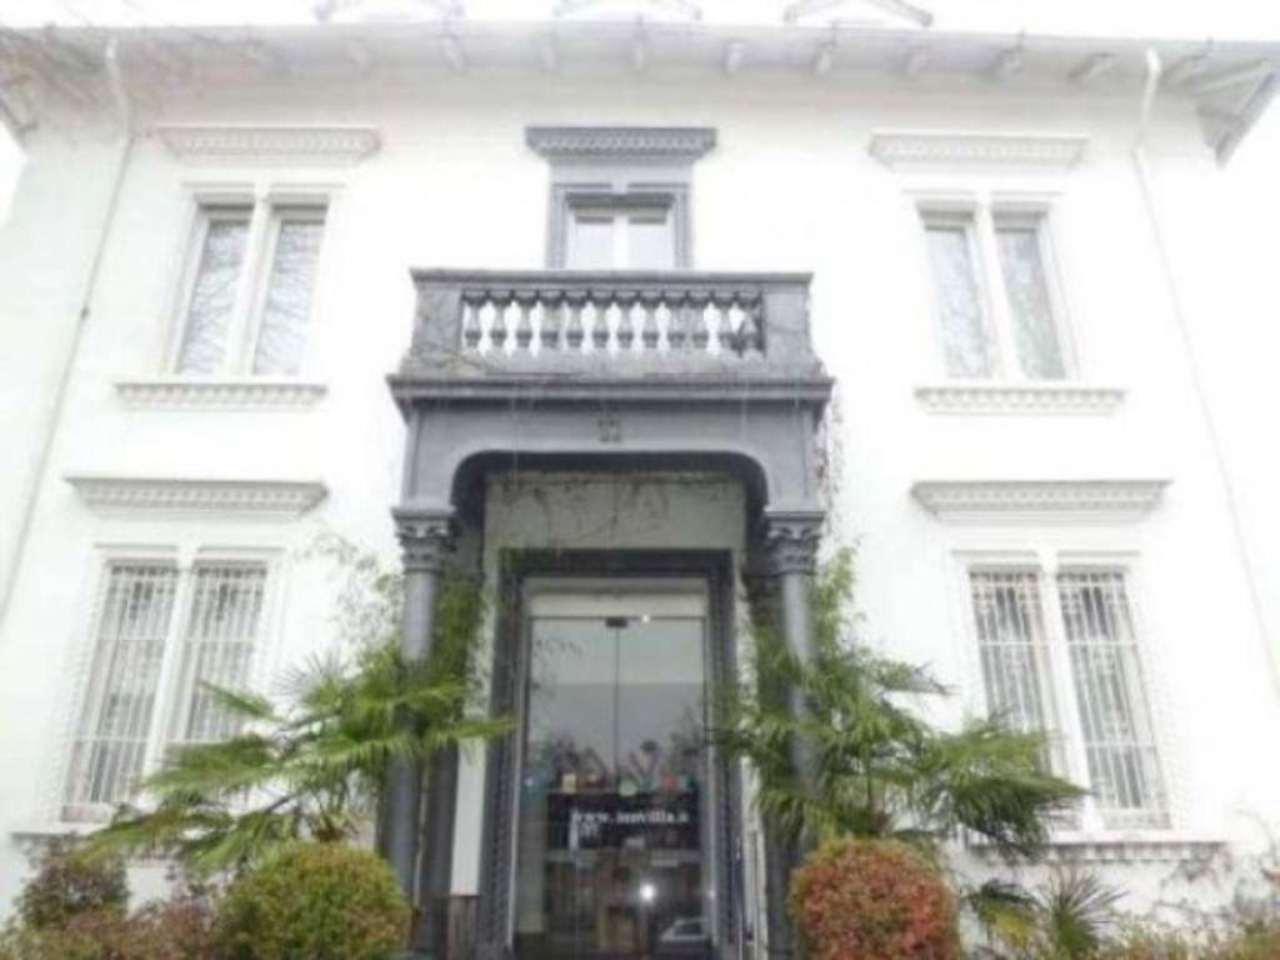 Cagliani immobili di prestigio a milano casa for Immobili prestigio vendita milano